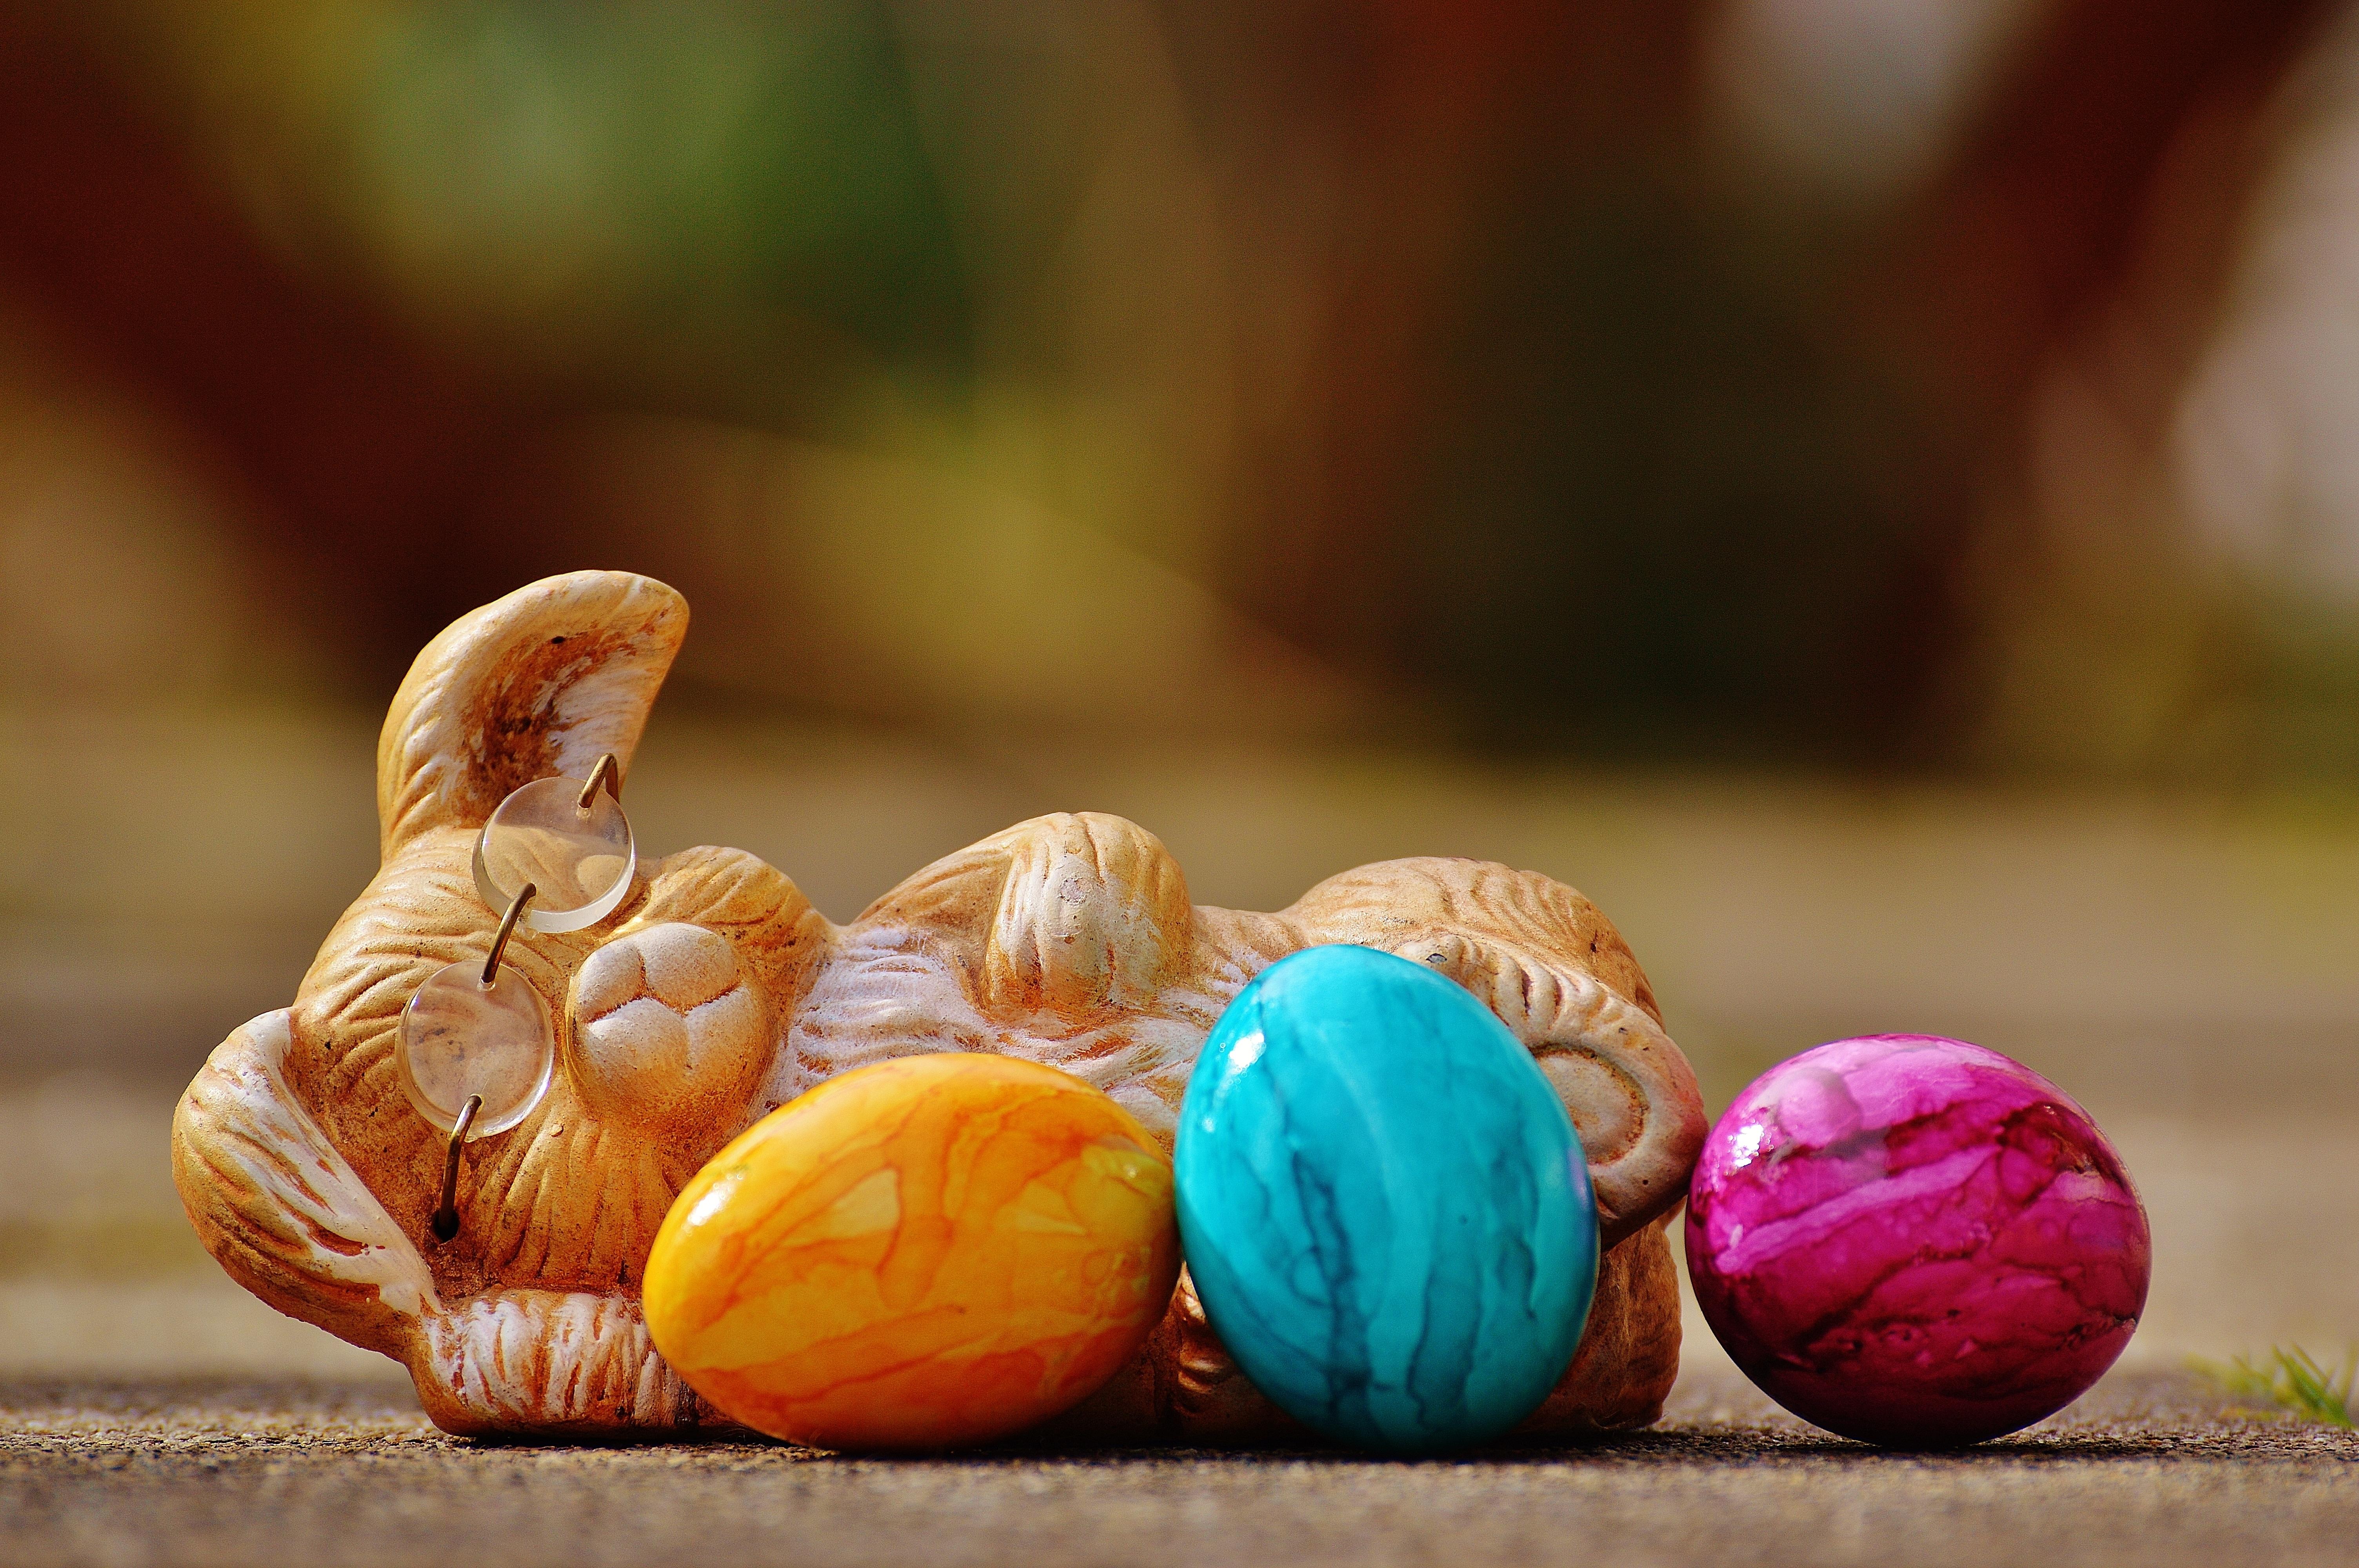 144515 descargar fondo de pantalla Vacaciones, Conejo De Pascua, Conejito De Pascua, Pascua, Huevos: protectores de pantalla e imágenes gratis